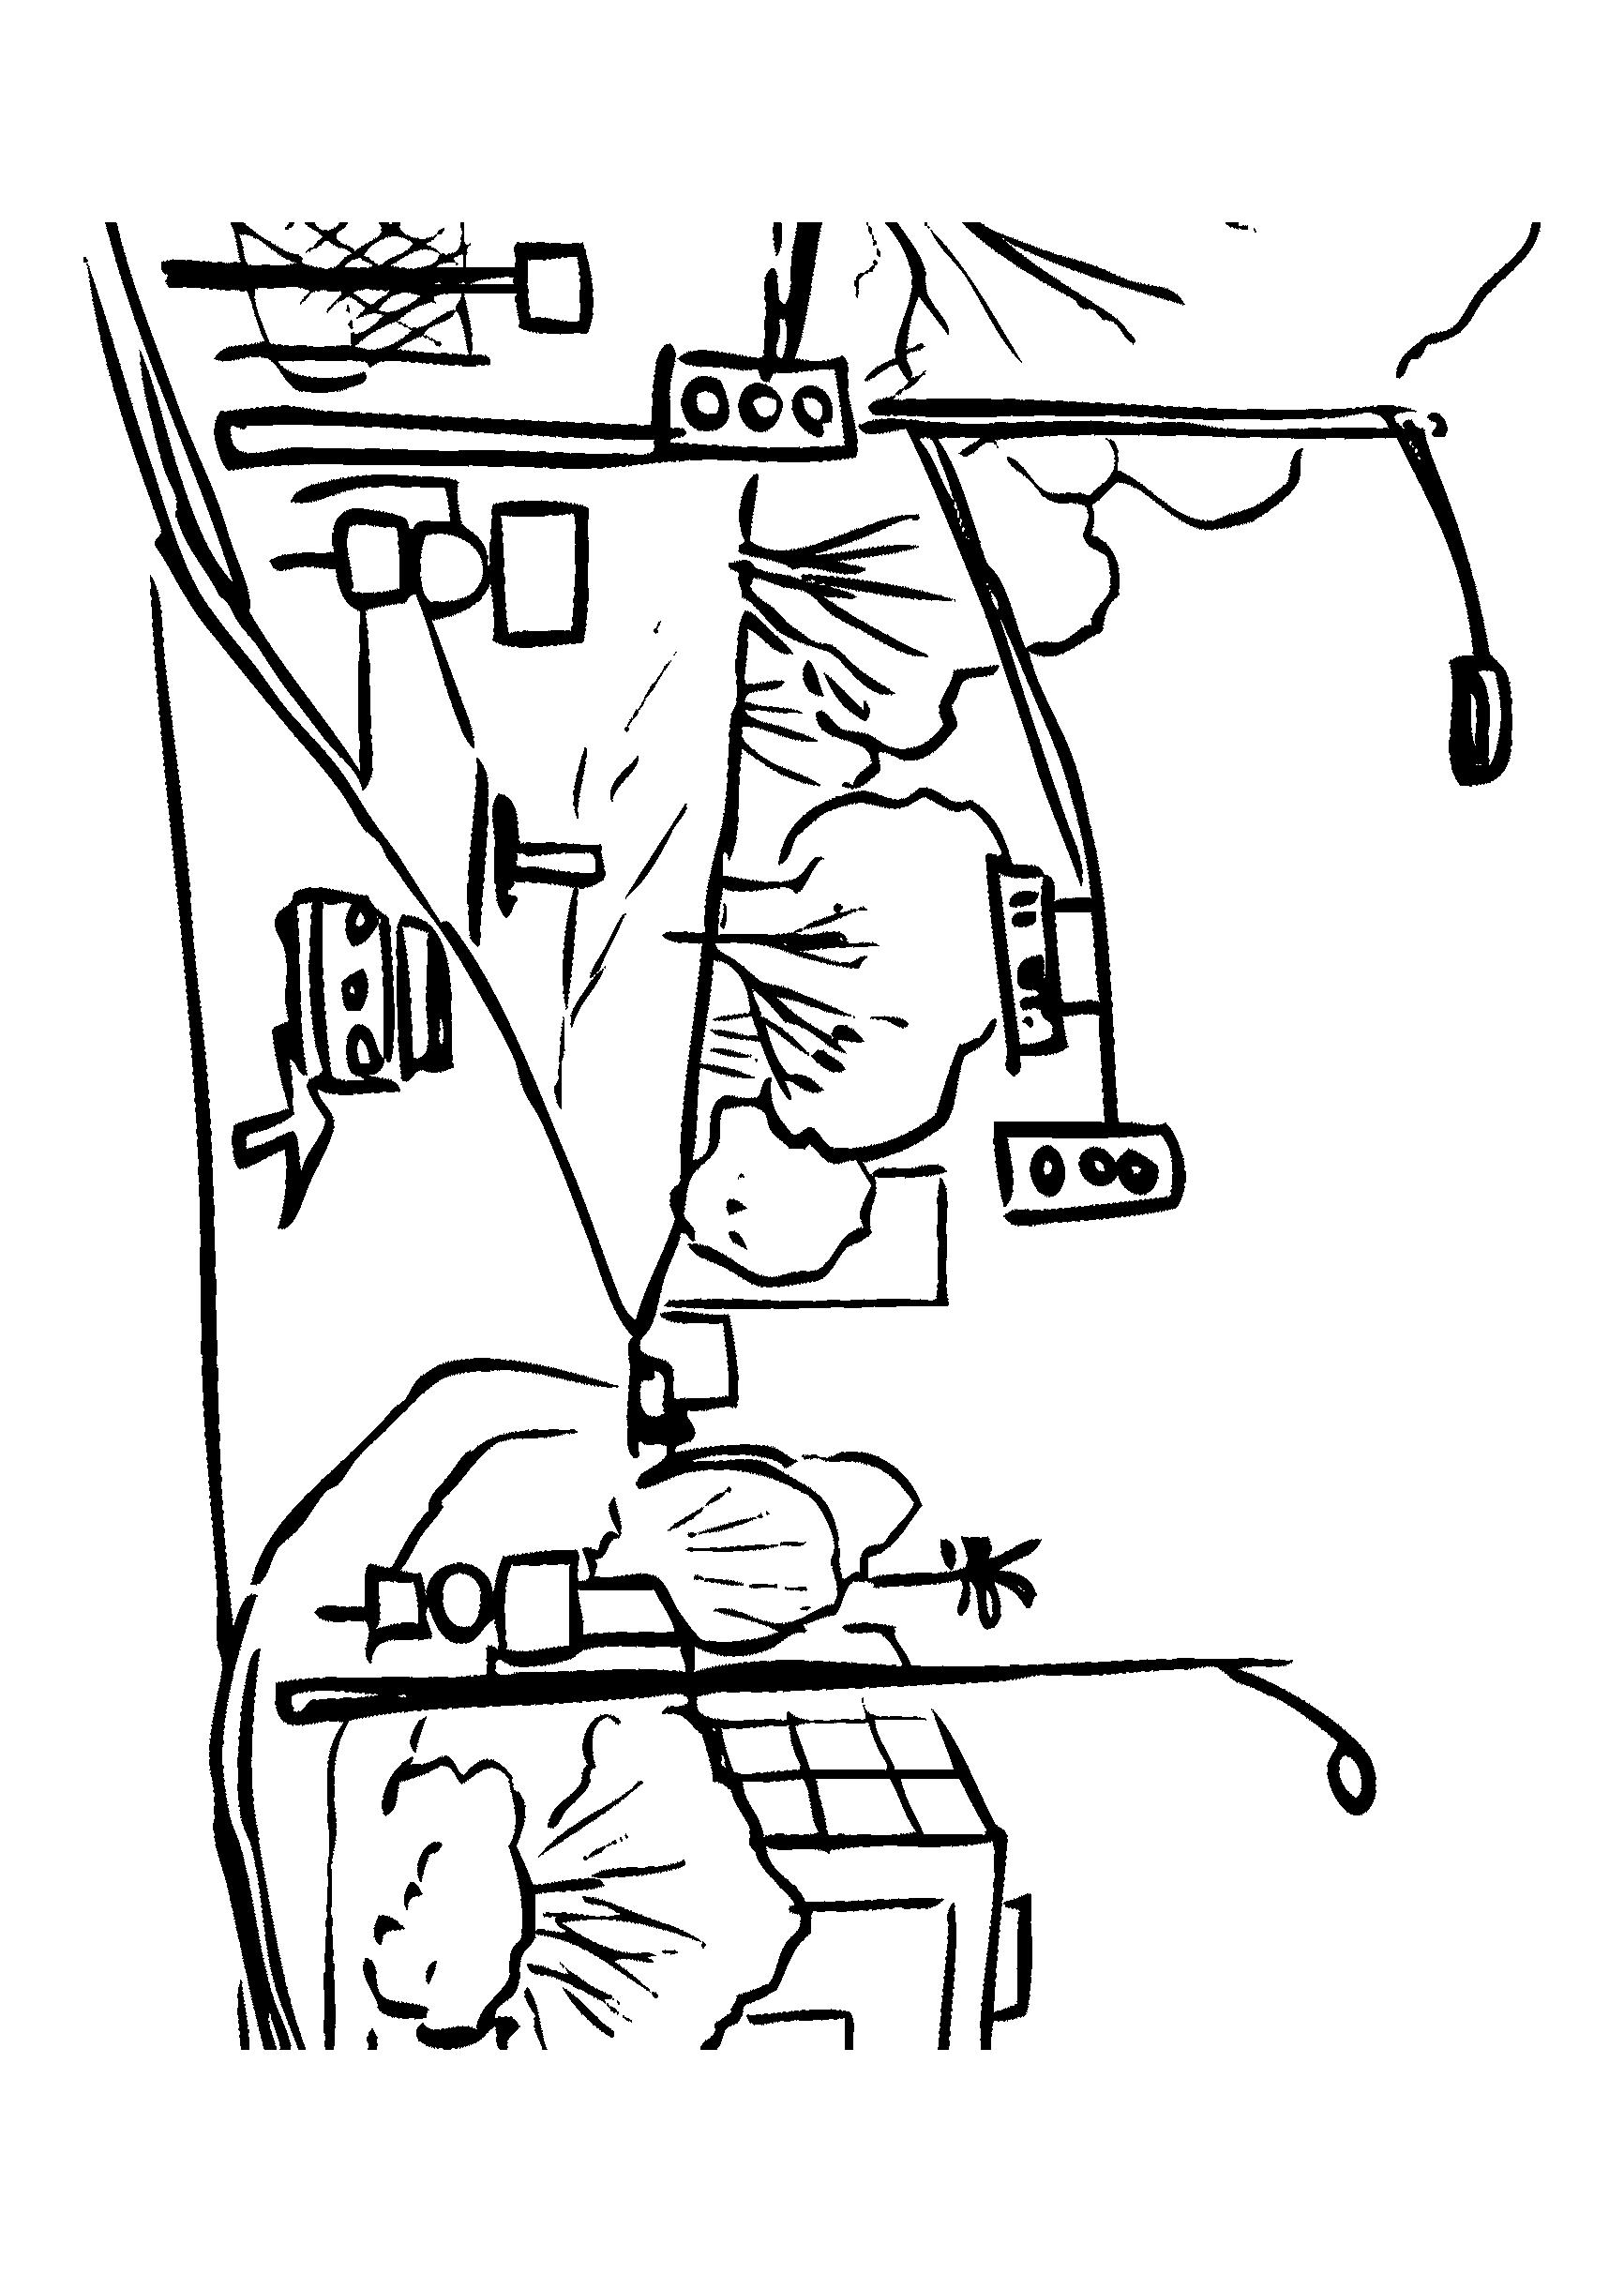 0262-transito-rua-semafro-poste